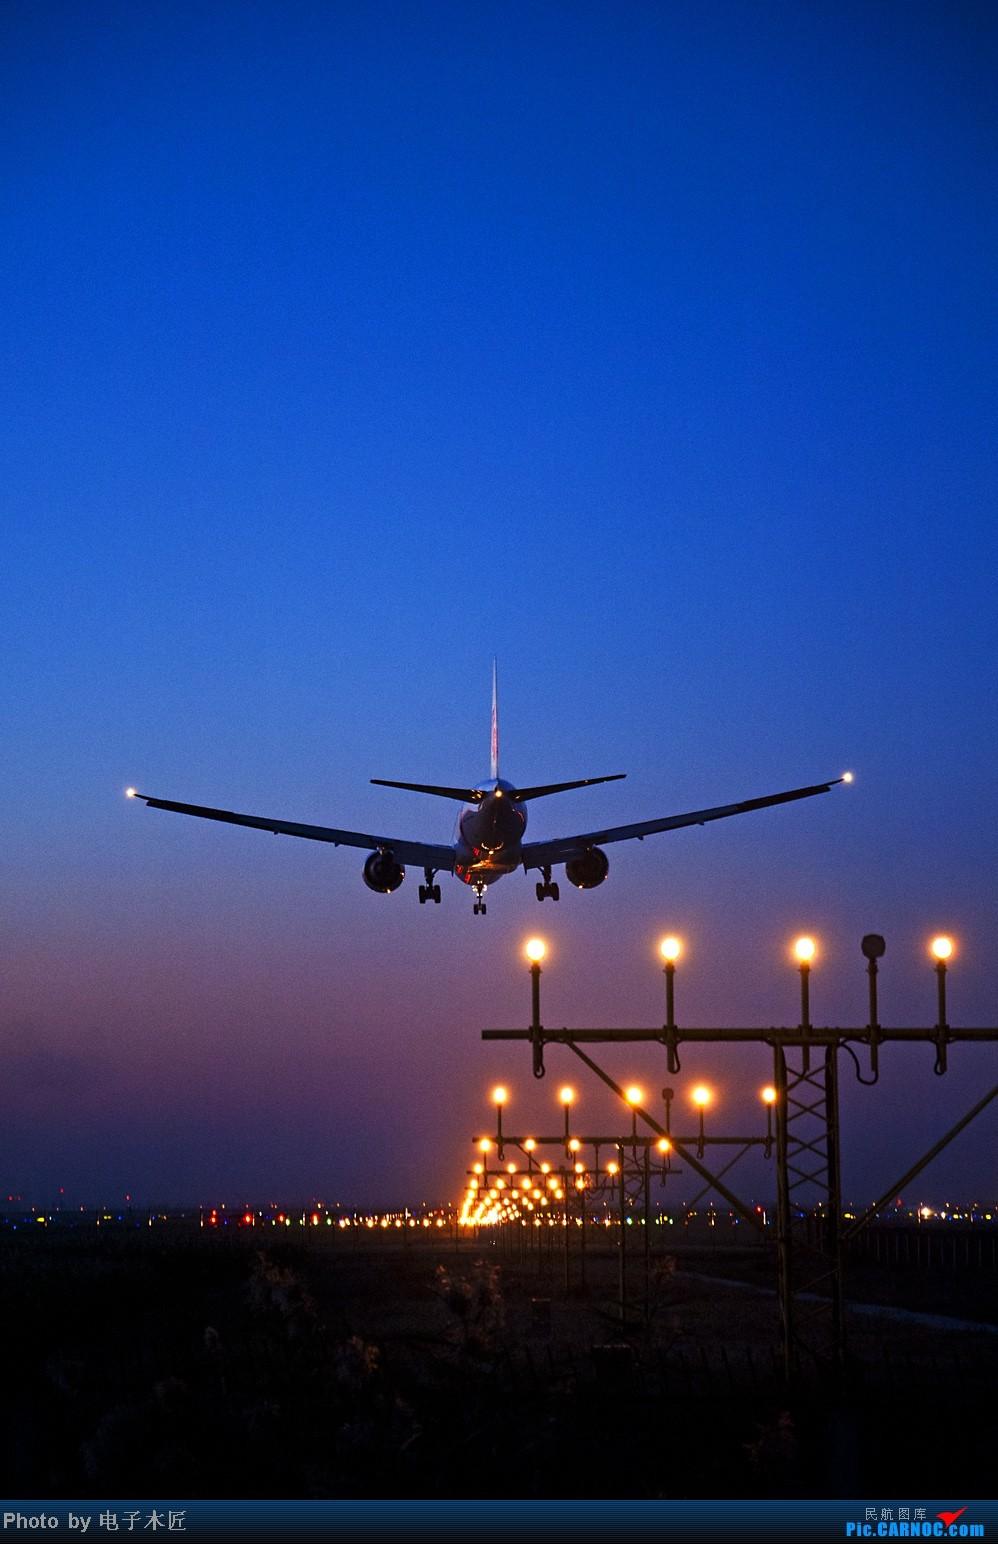 Re:[原创]估计这几个月天津能拍机的机会将非常稀少。。。 BOEING 777-300 B-2035 中国天津滨海机场